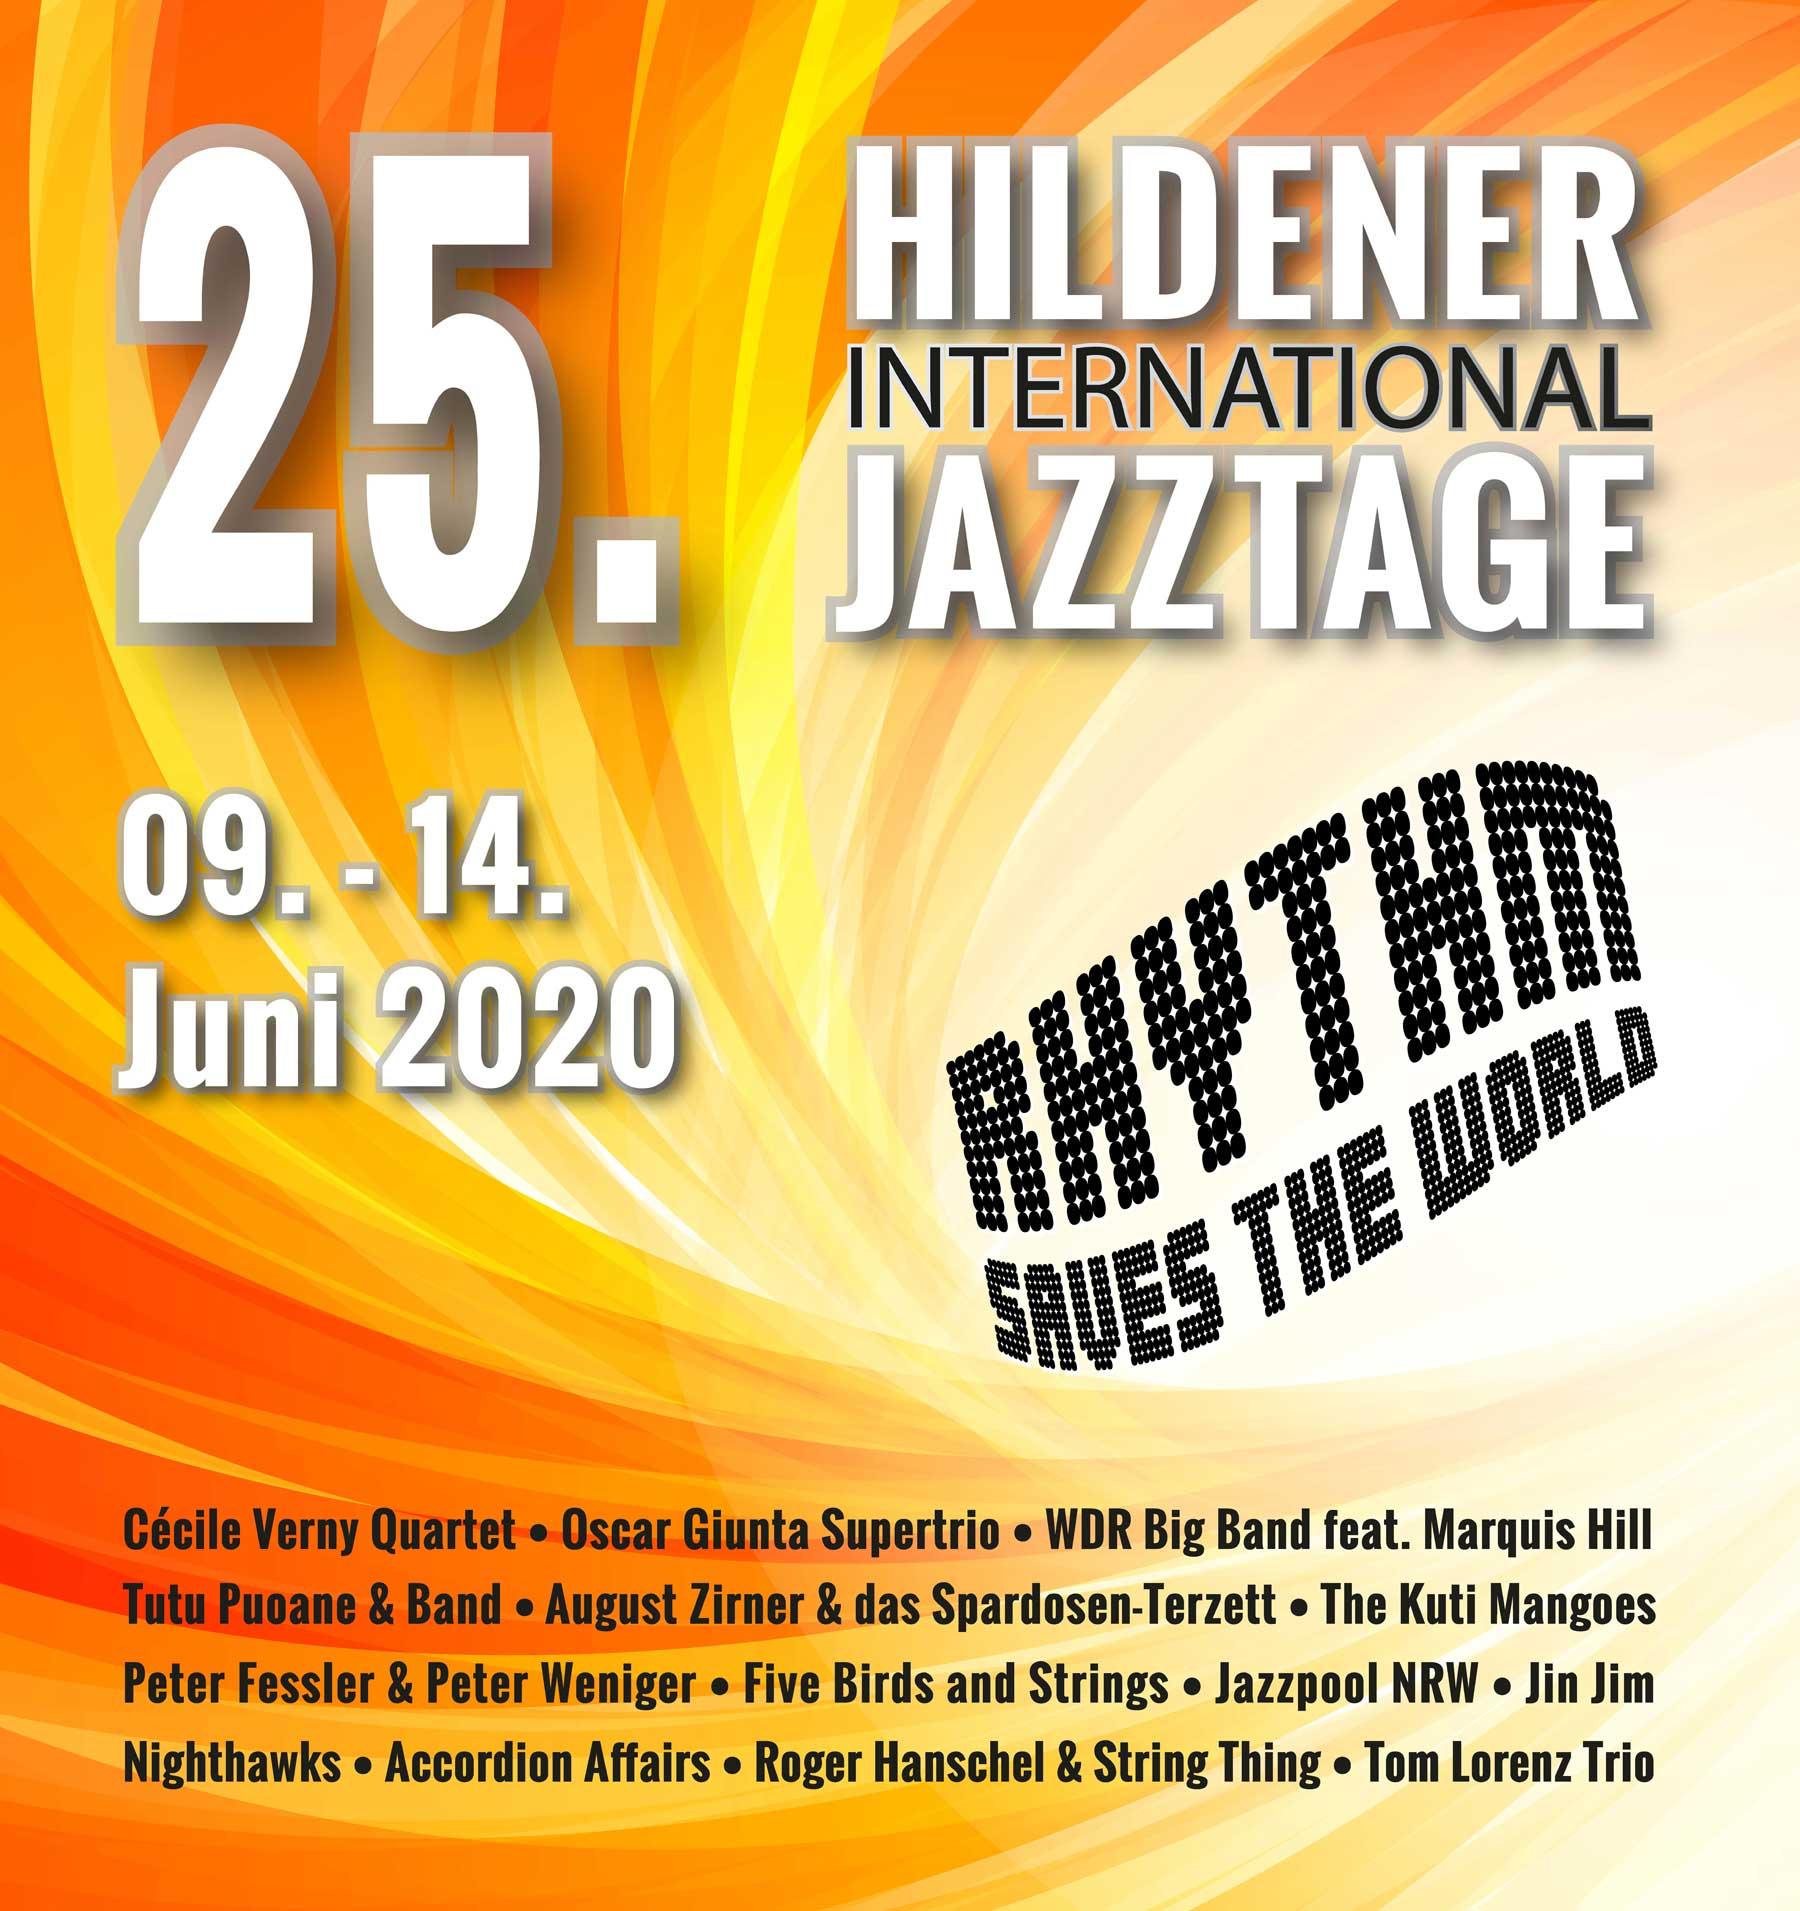 hildener-jazztage2020.jpg